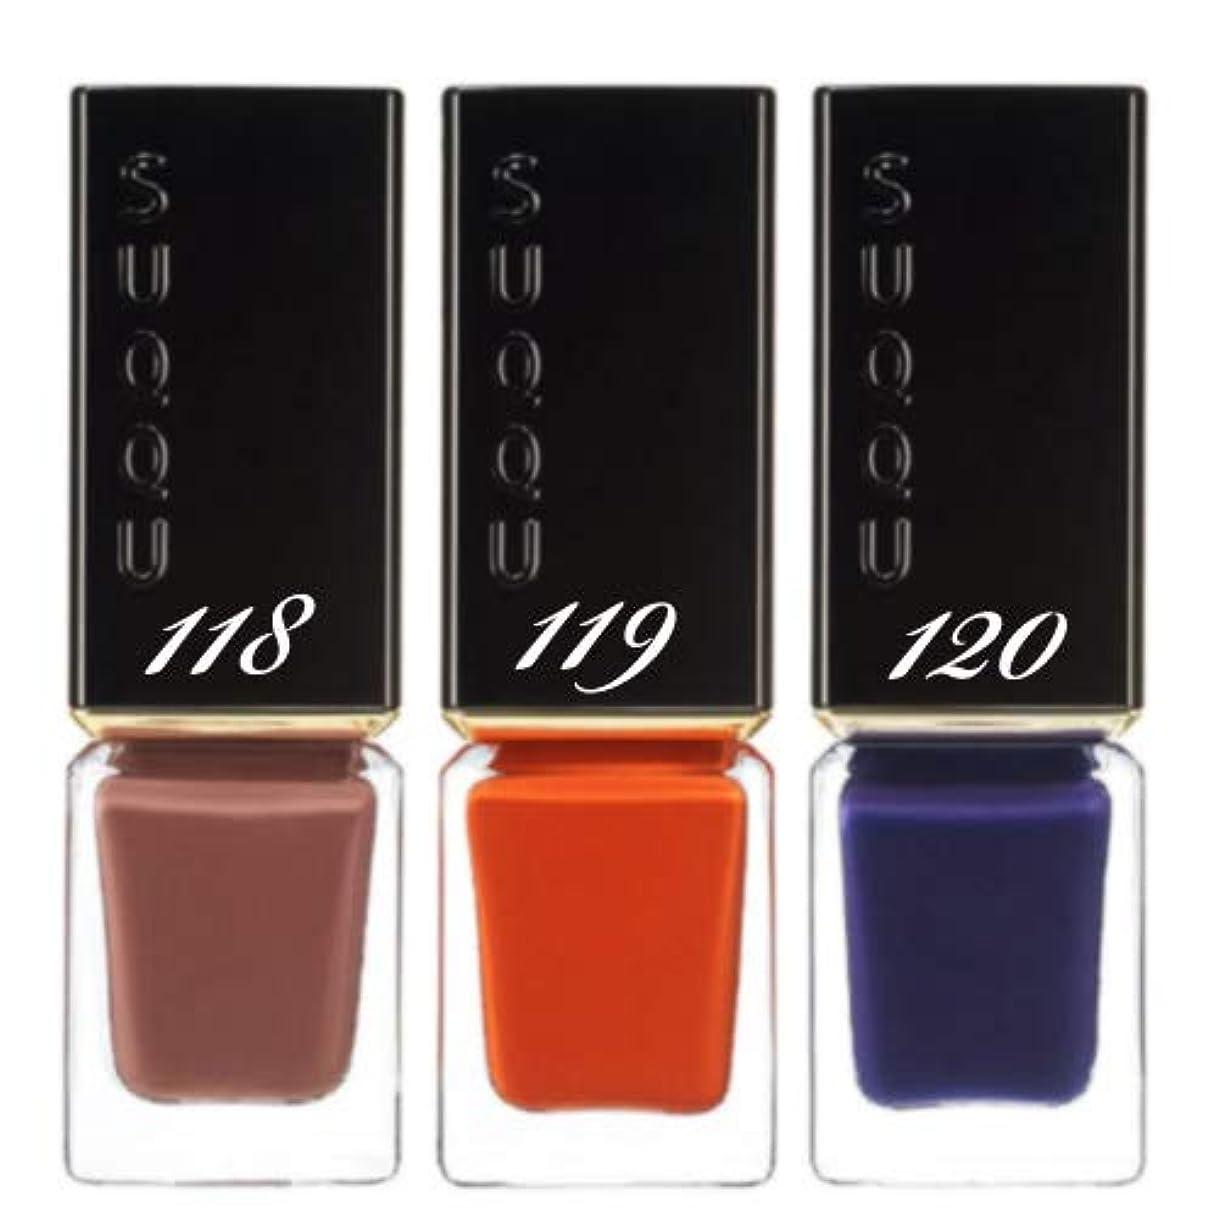 部分的に約設定袋SUQQU(スック) ネイル カラー ポリッシュ (秋冬限定色) 7.5m (119 濃柿)